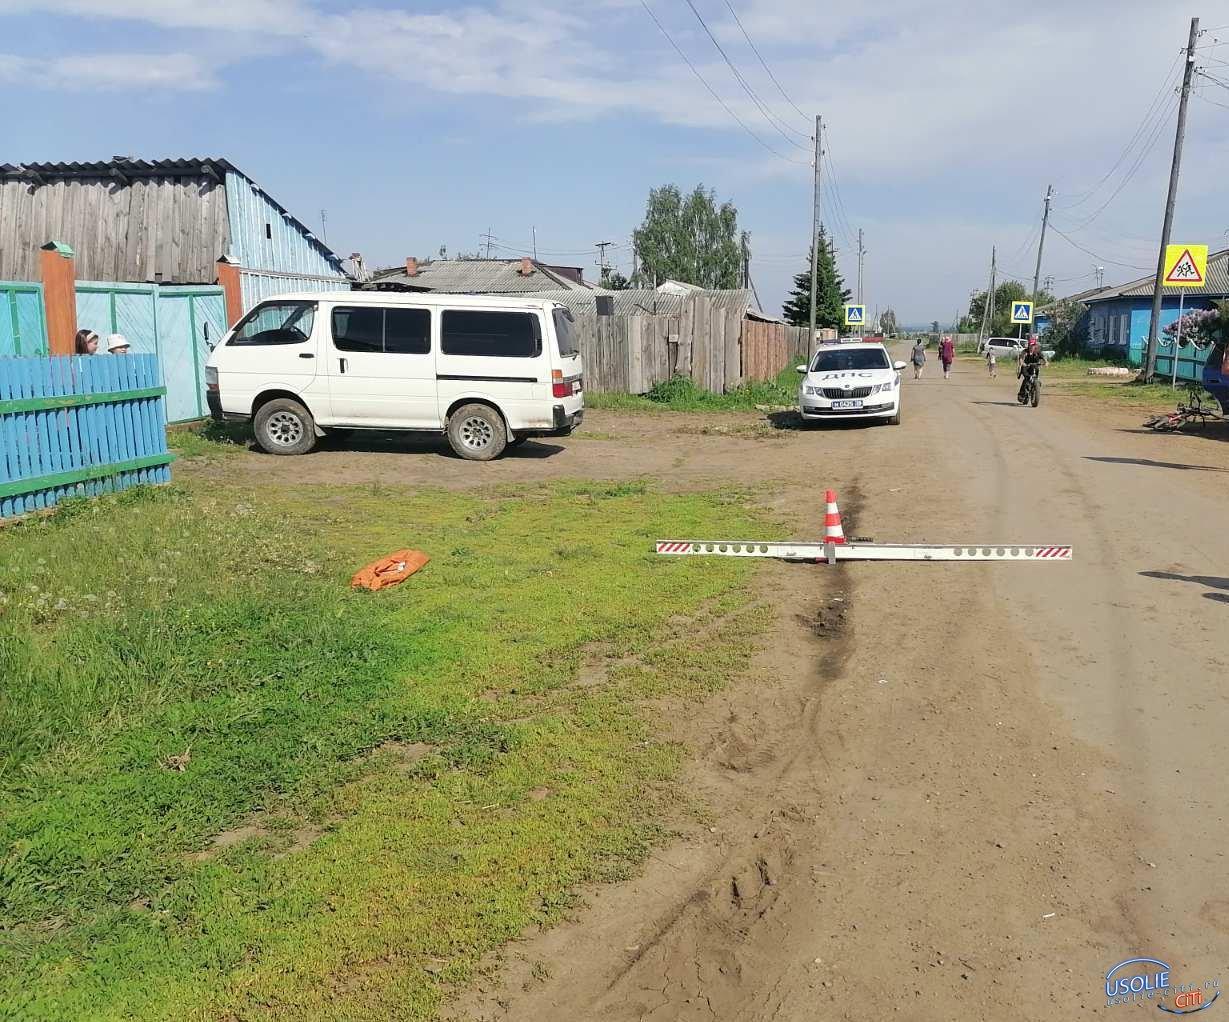 Подросток на мотоцикле сбил ребенка в Усольском районе